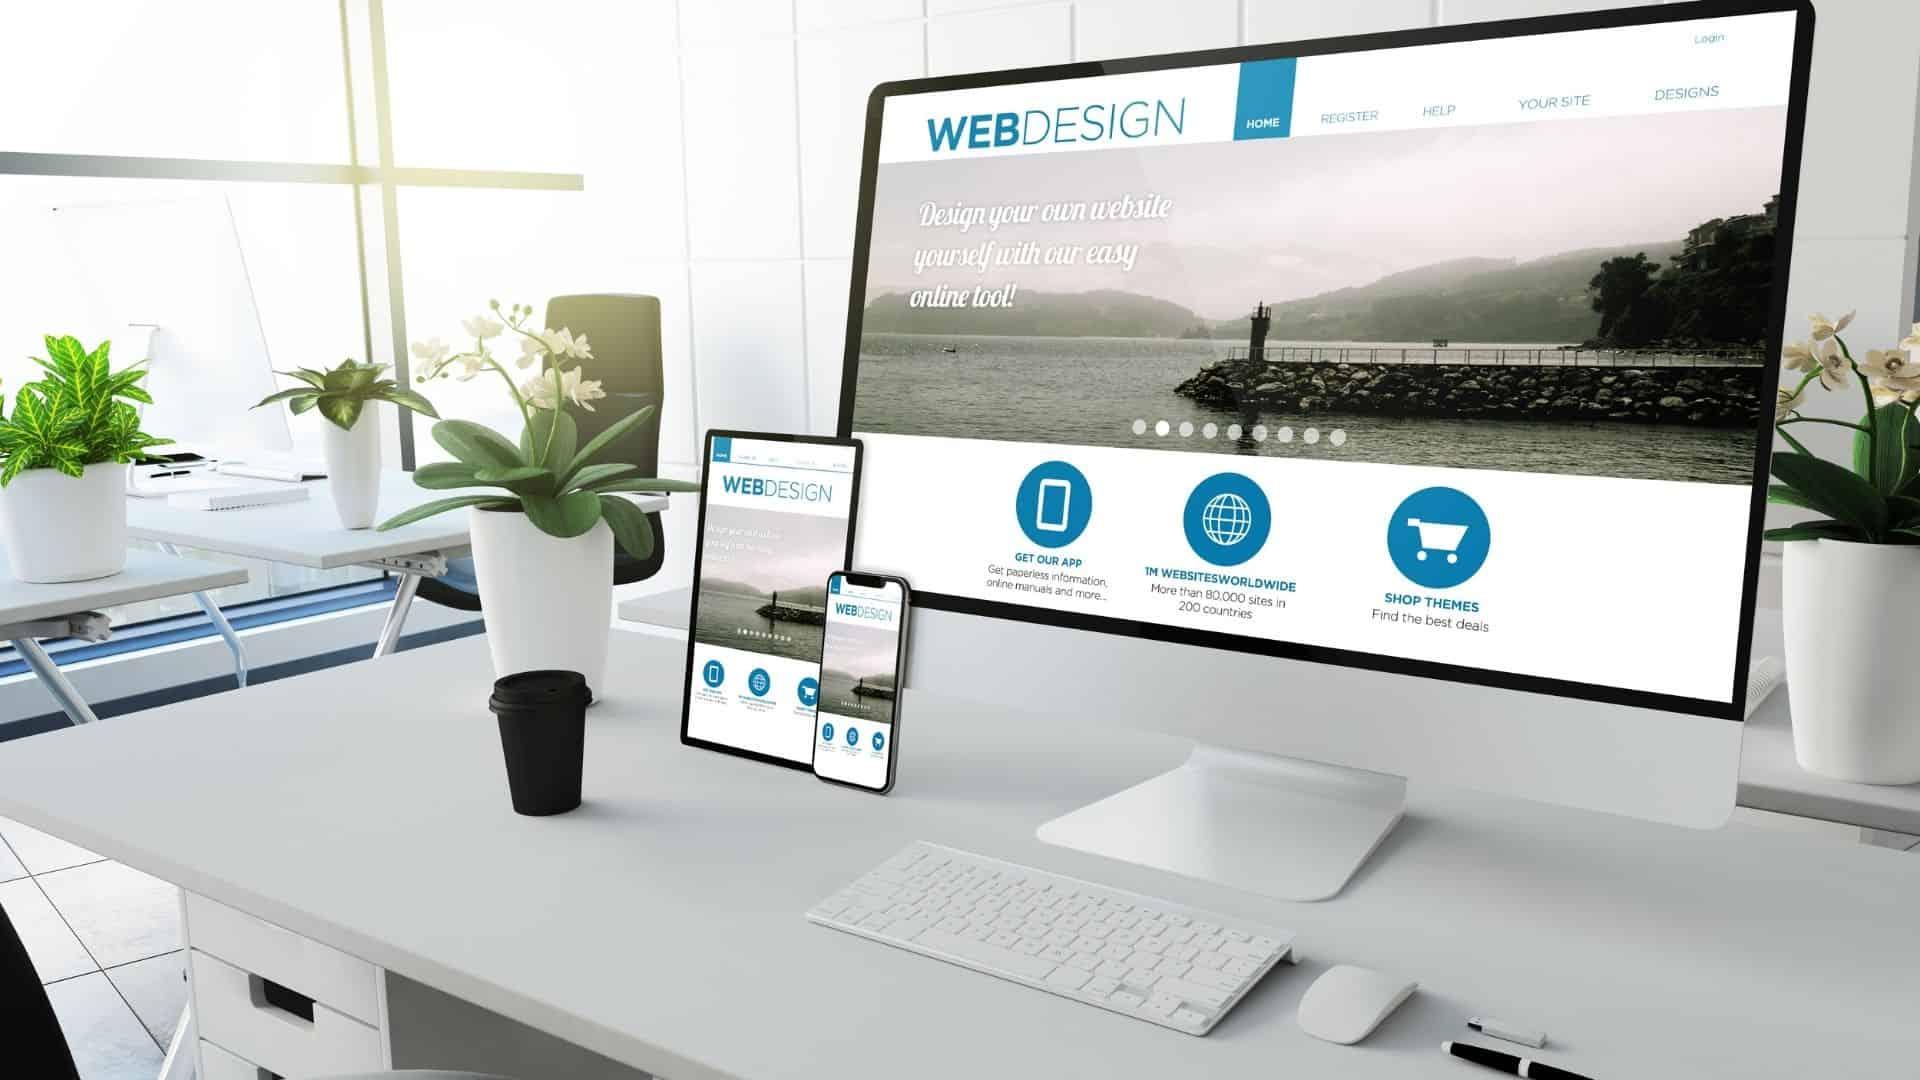 Top 5 Benefits of Using Website Design Templates